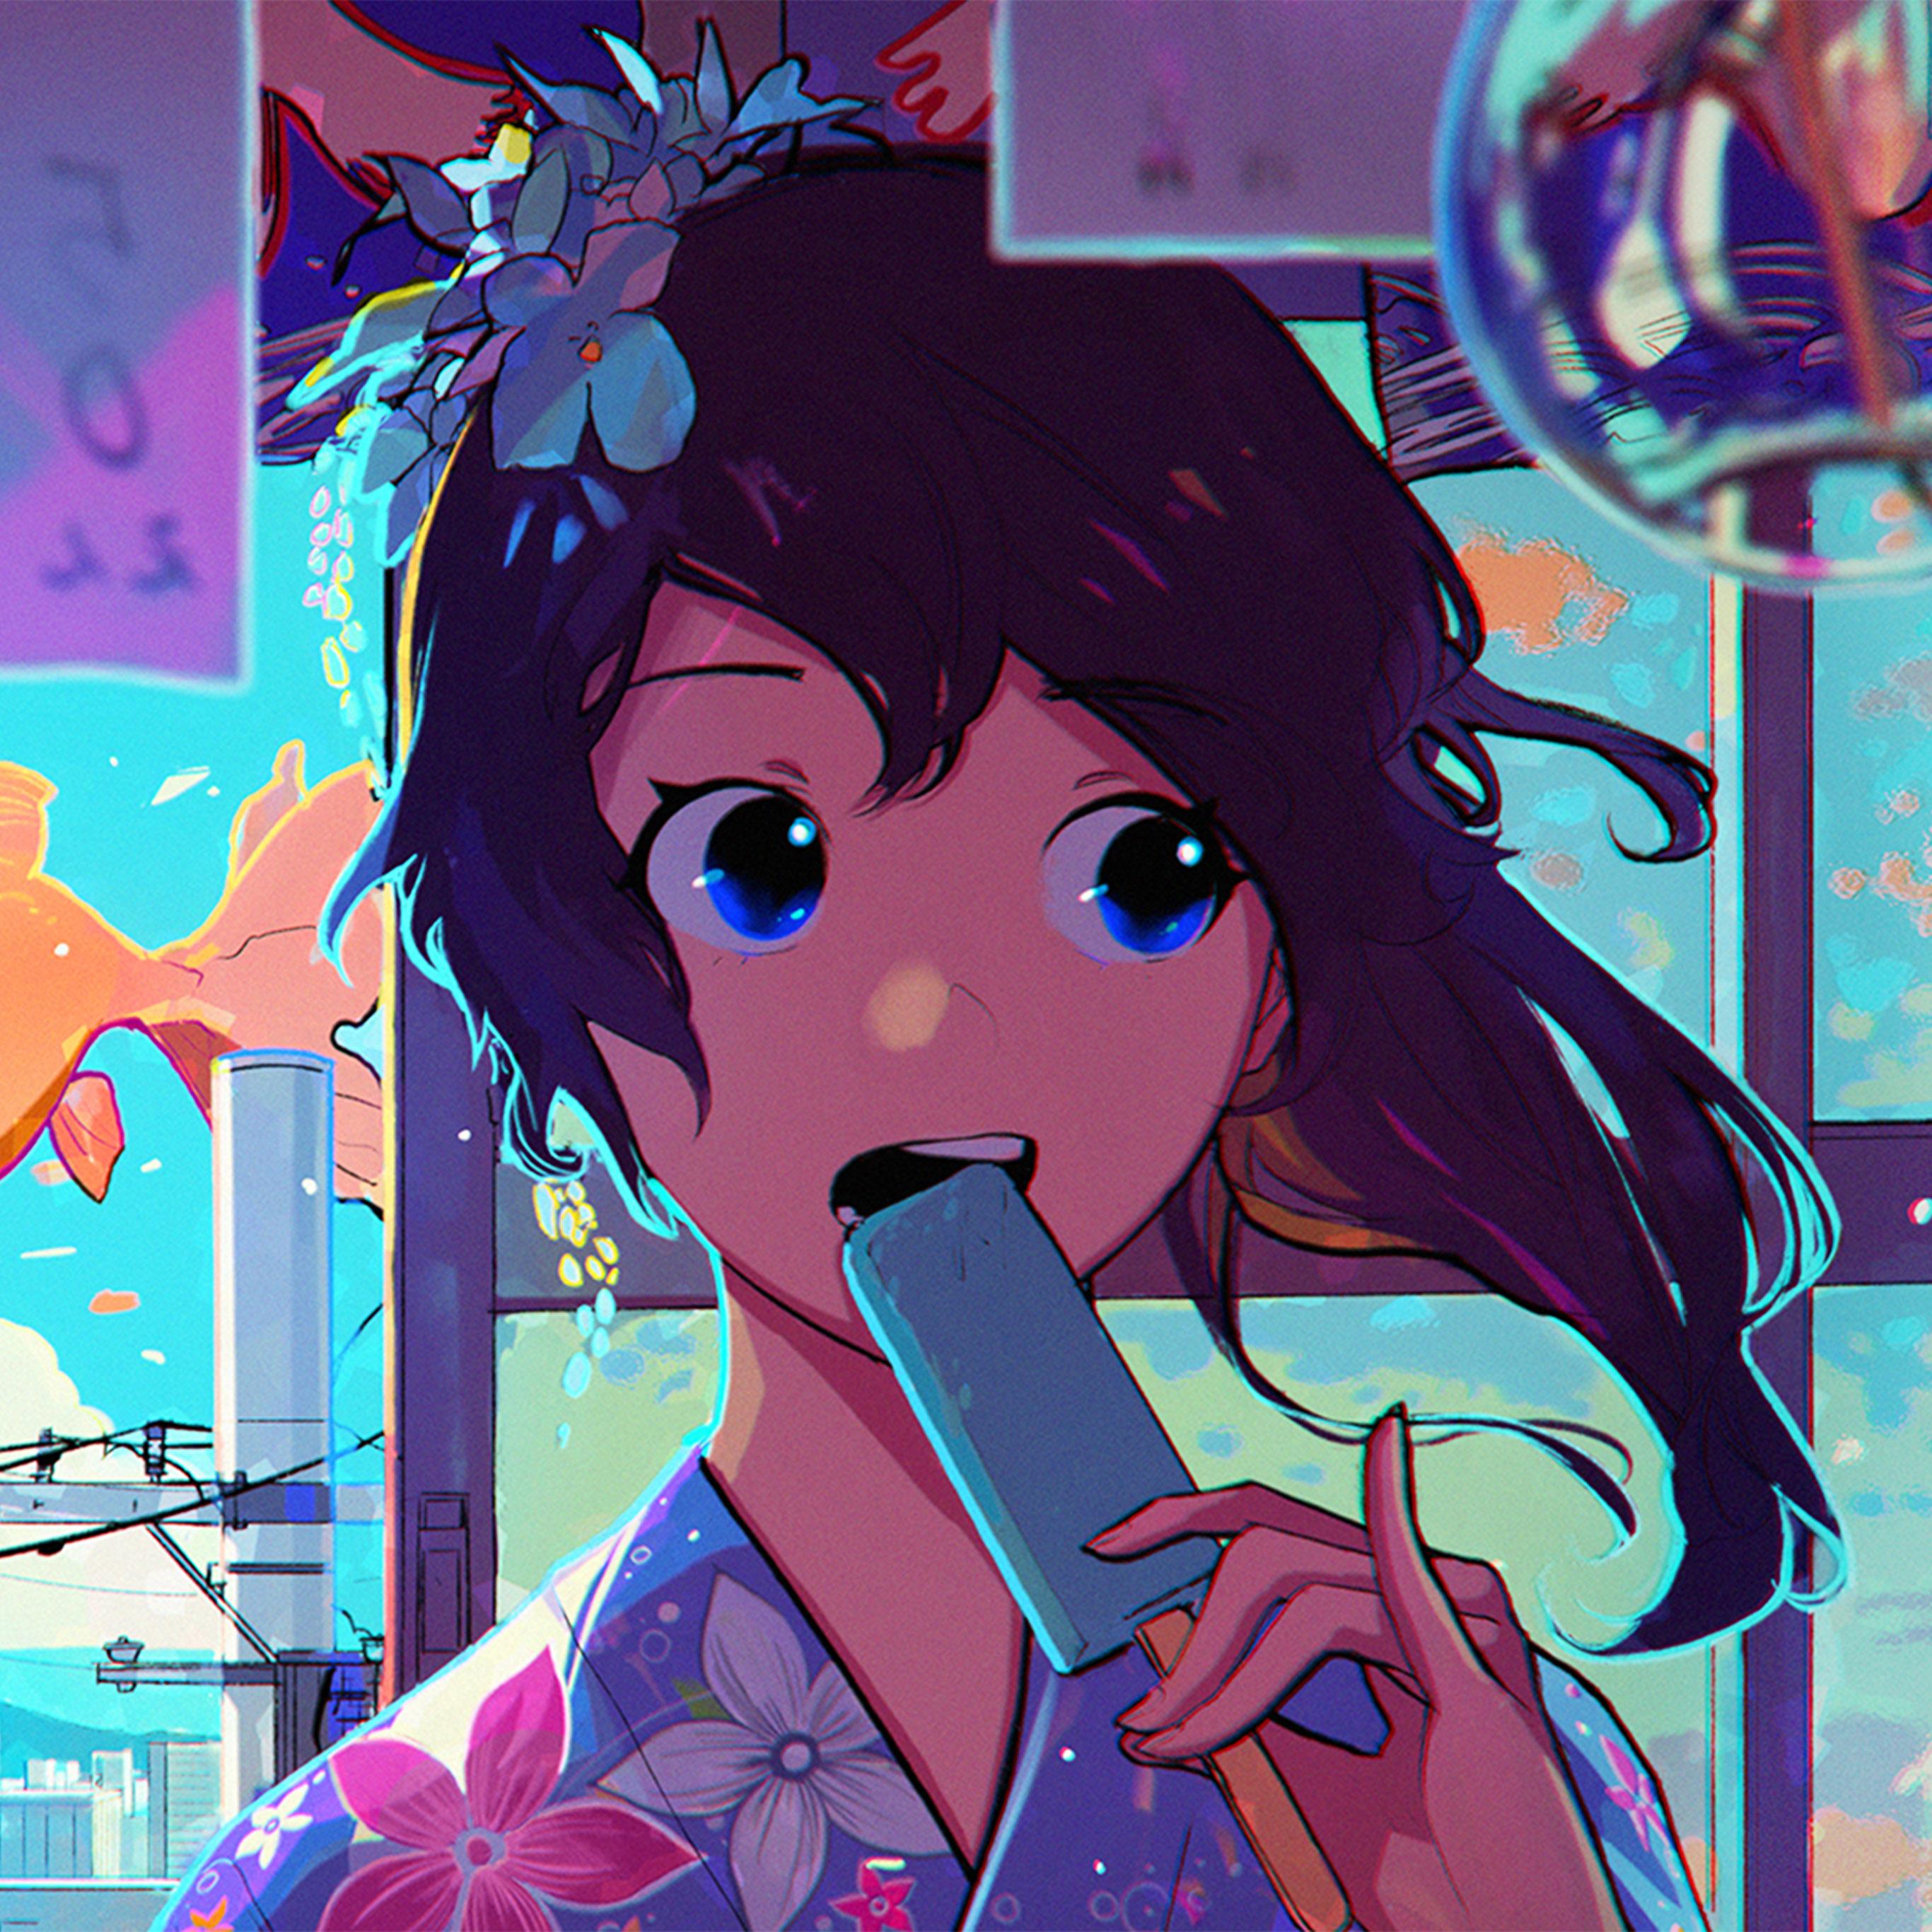 Be23-girl-face-anime-art